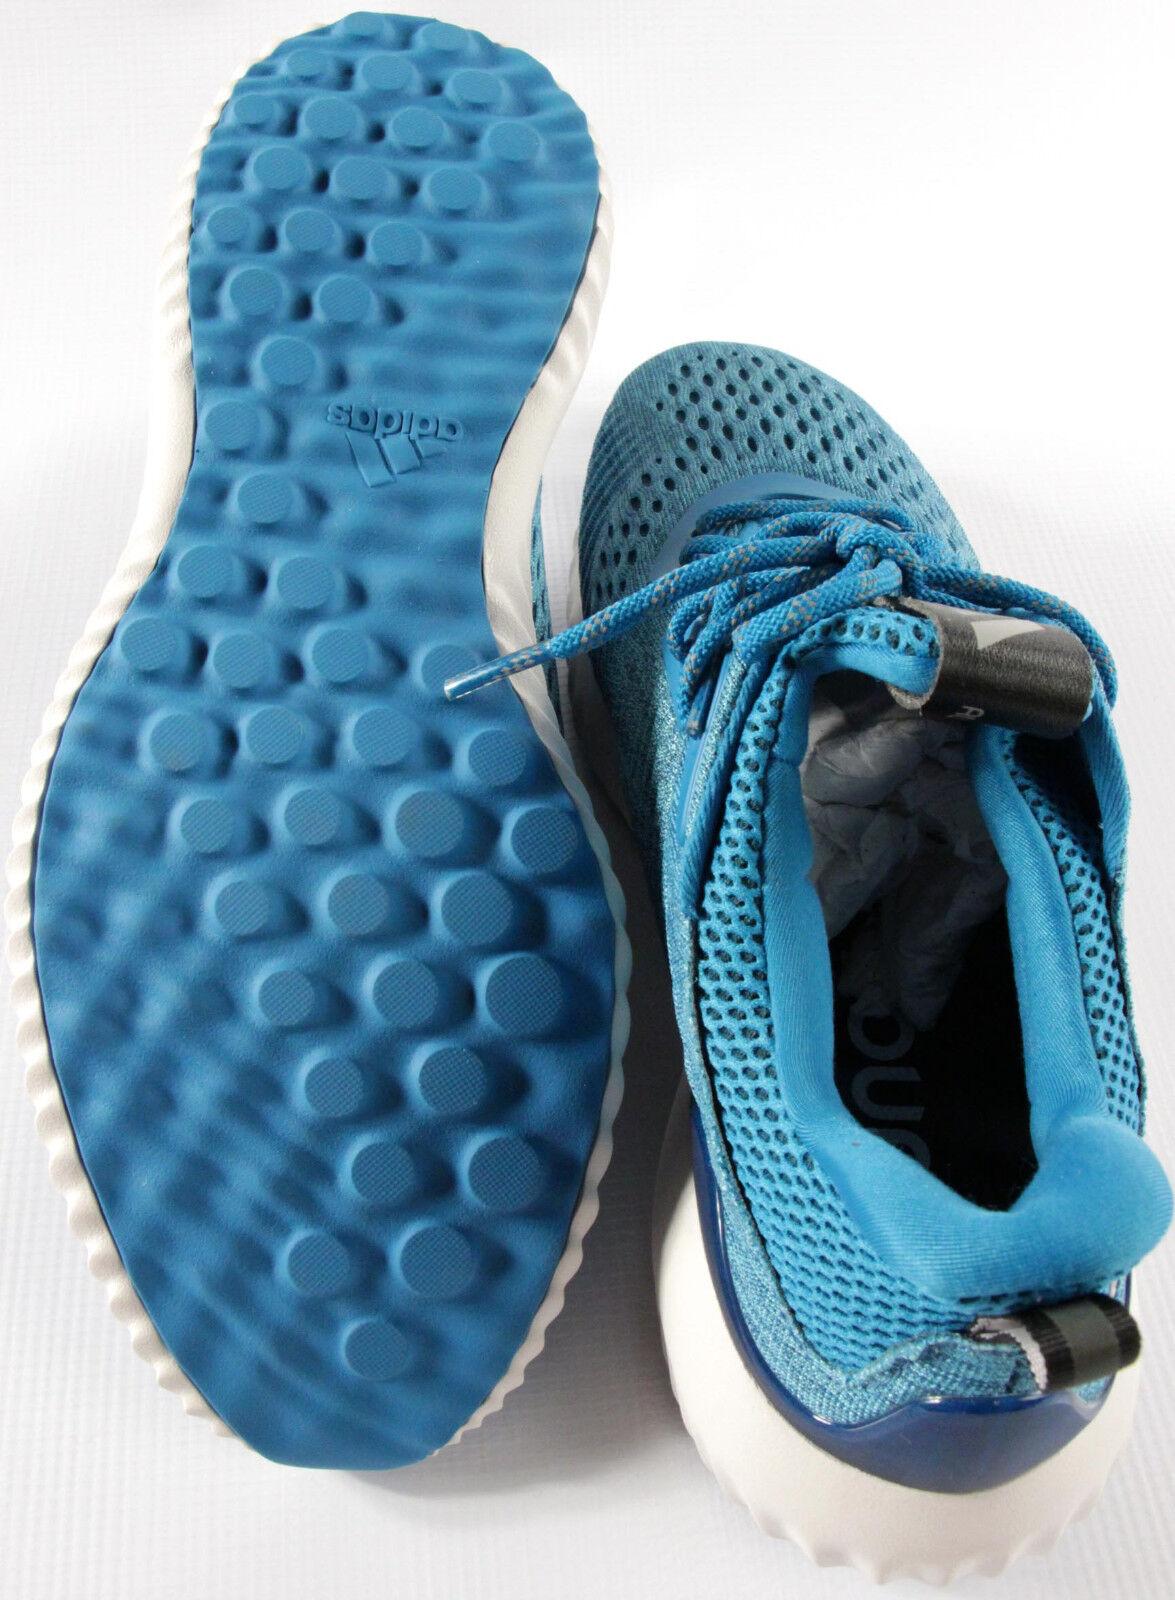 ADIDAS AlphaBounce AlphaBounce AlphaBounce EM shoes-8.5-NEW-engineered Mesh Performance Running sneakers 0c291c